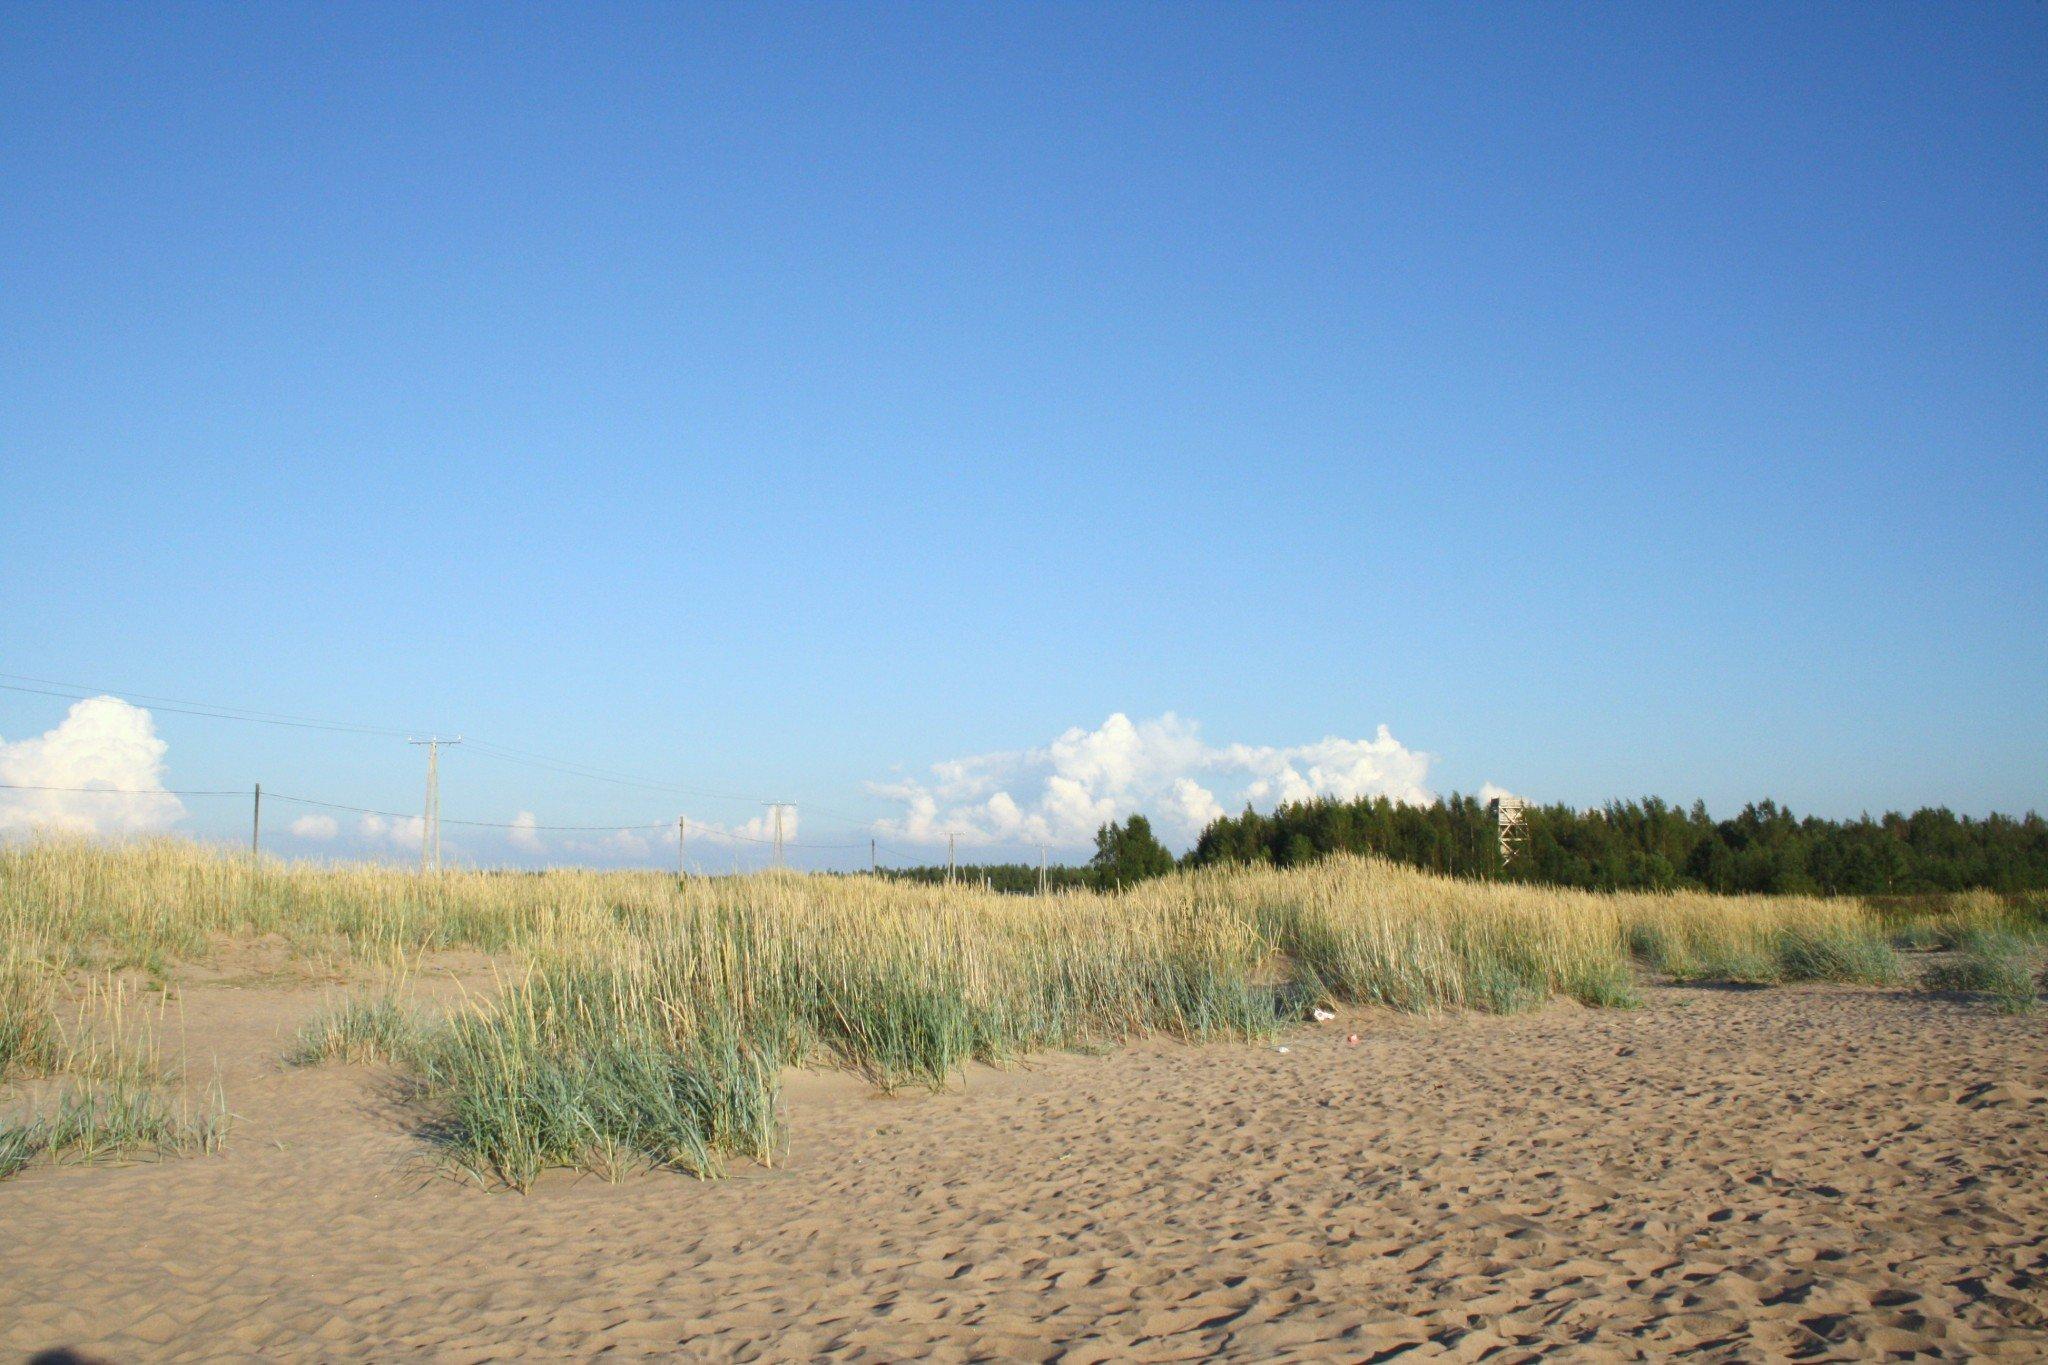 Vattaja Kokkola hiekkaranta dyynit